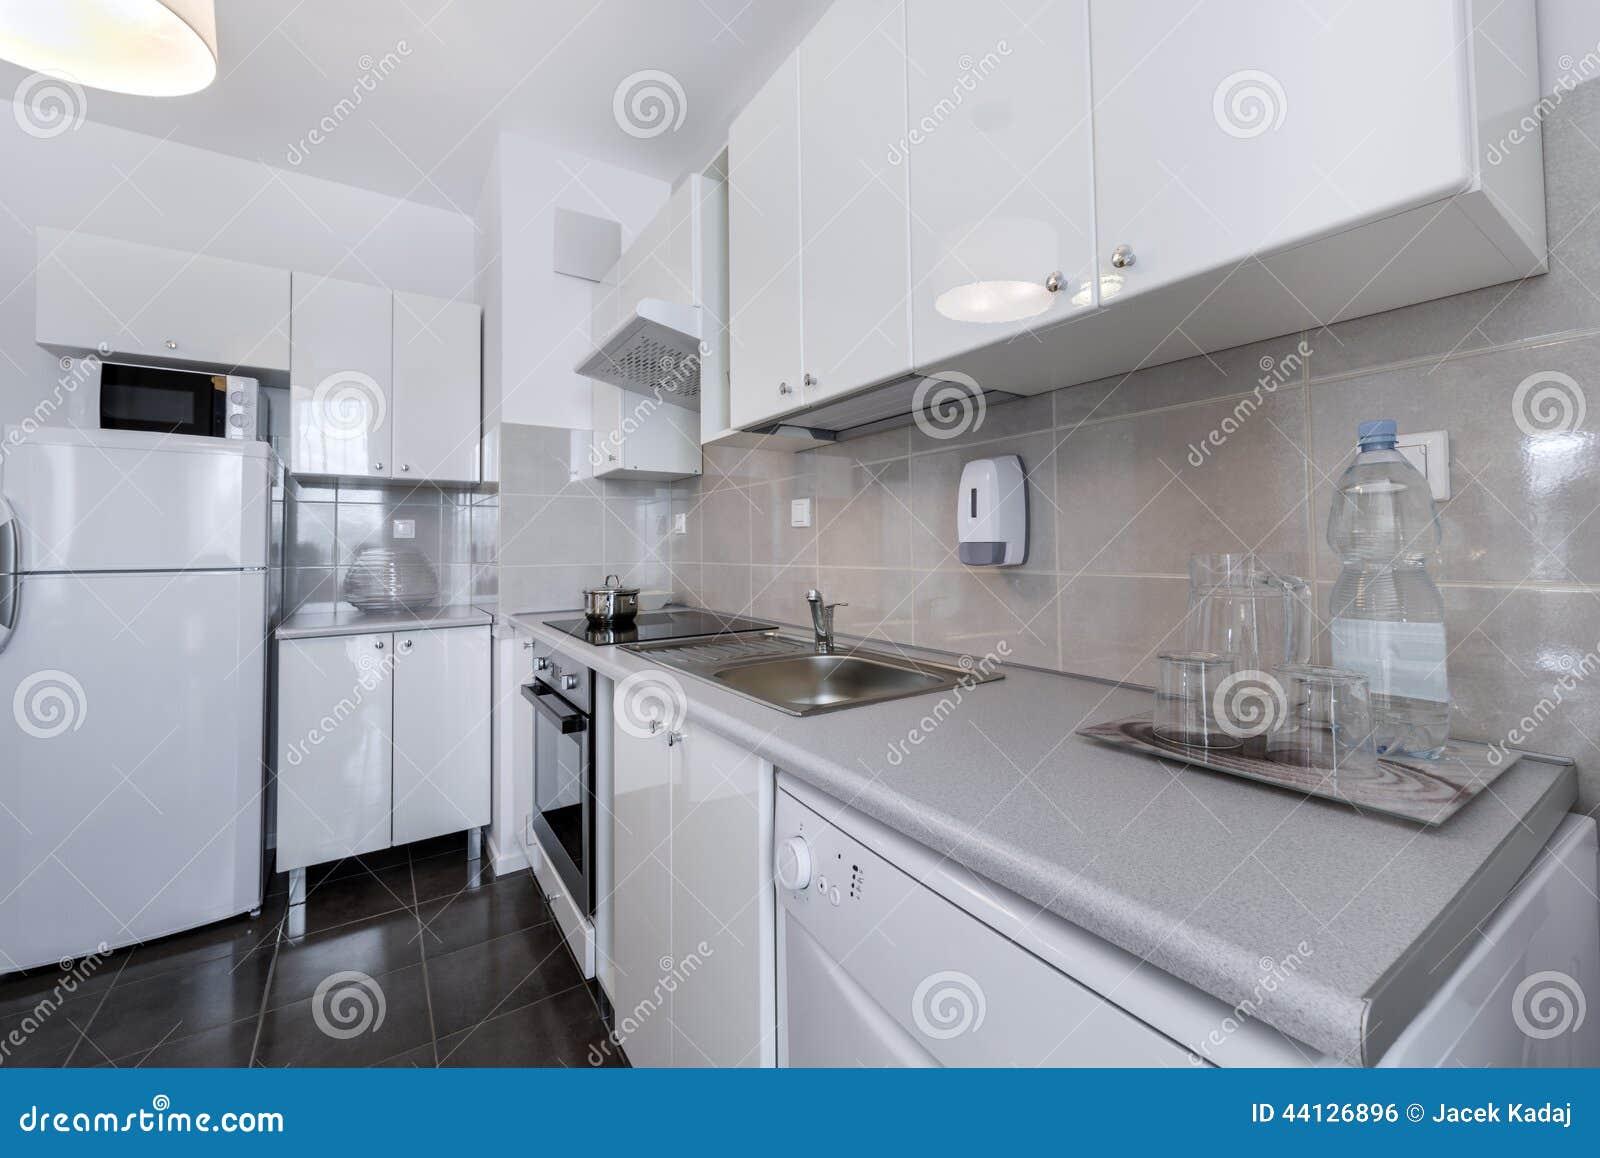 Design De Interiores Branco Moderno: Cozinha Pequena Foto de Stock  #83A328 1300 958